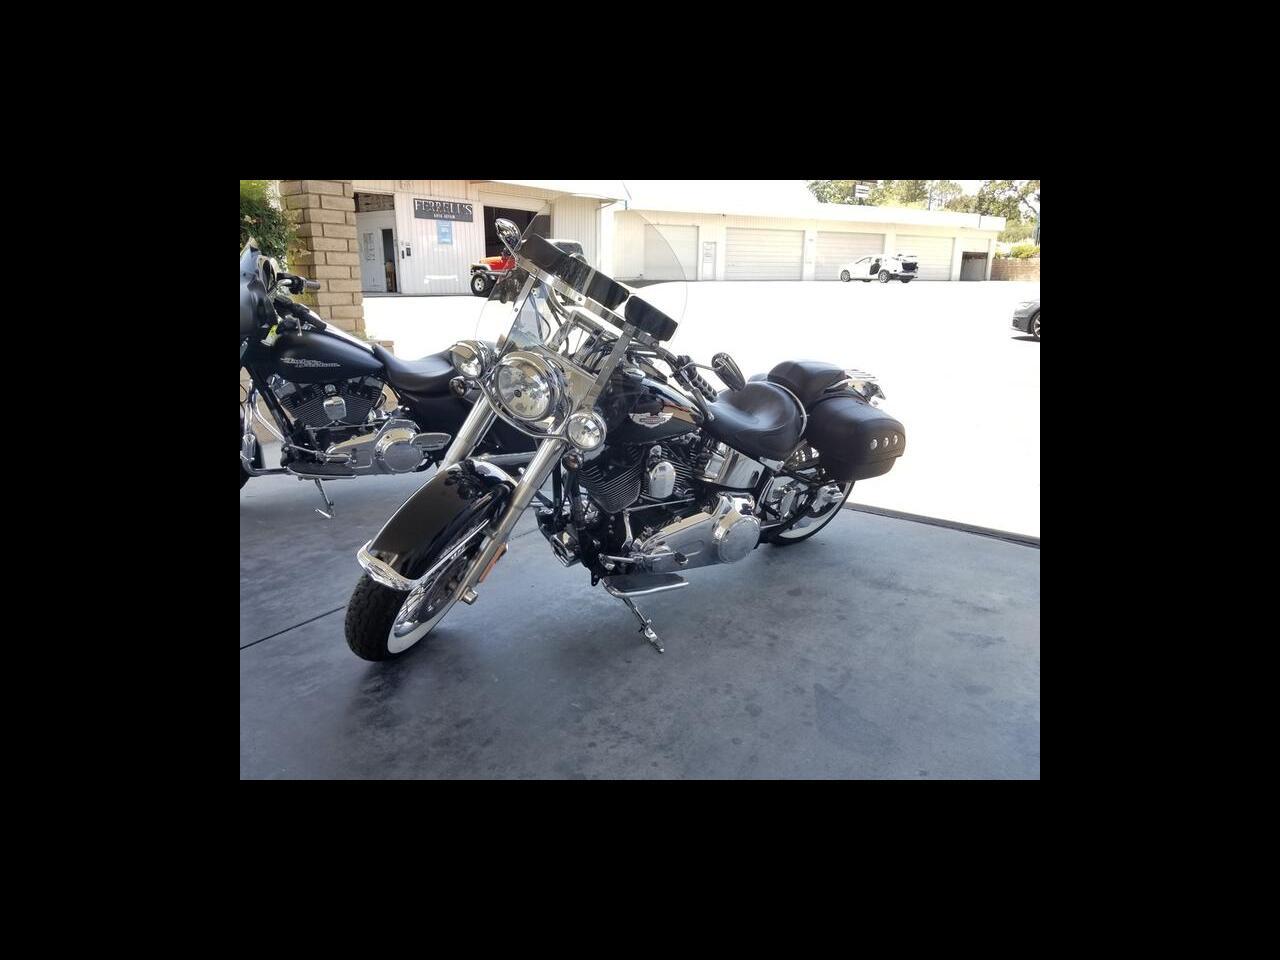 2009 Harley-Davidson FLSTN SOFTAIL DELUX